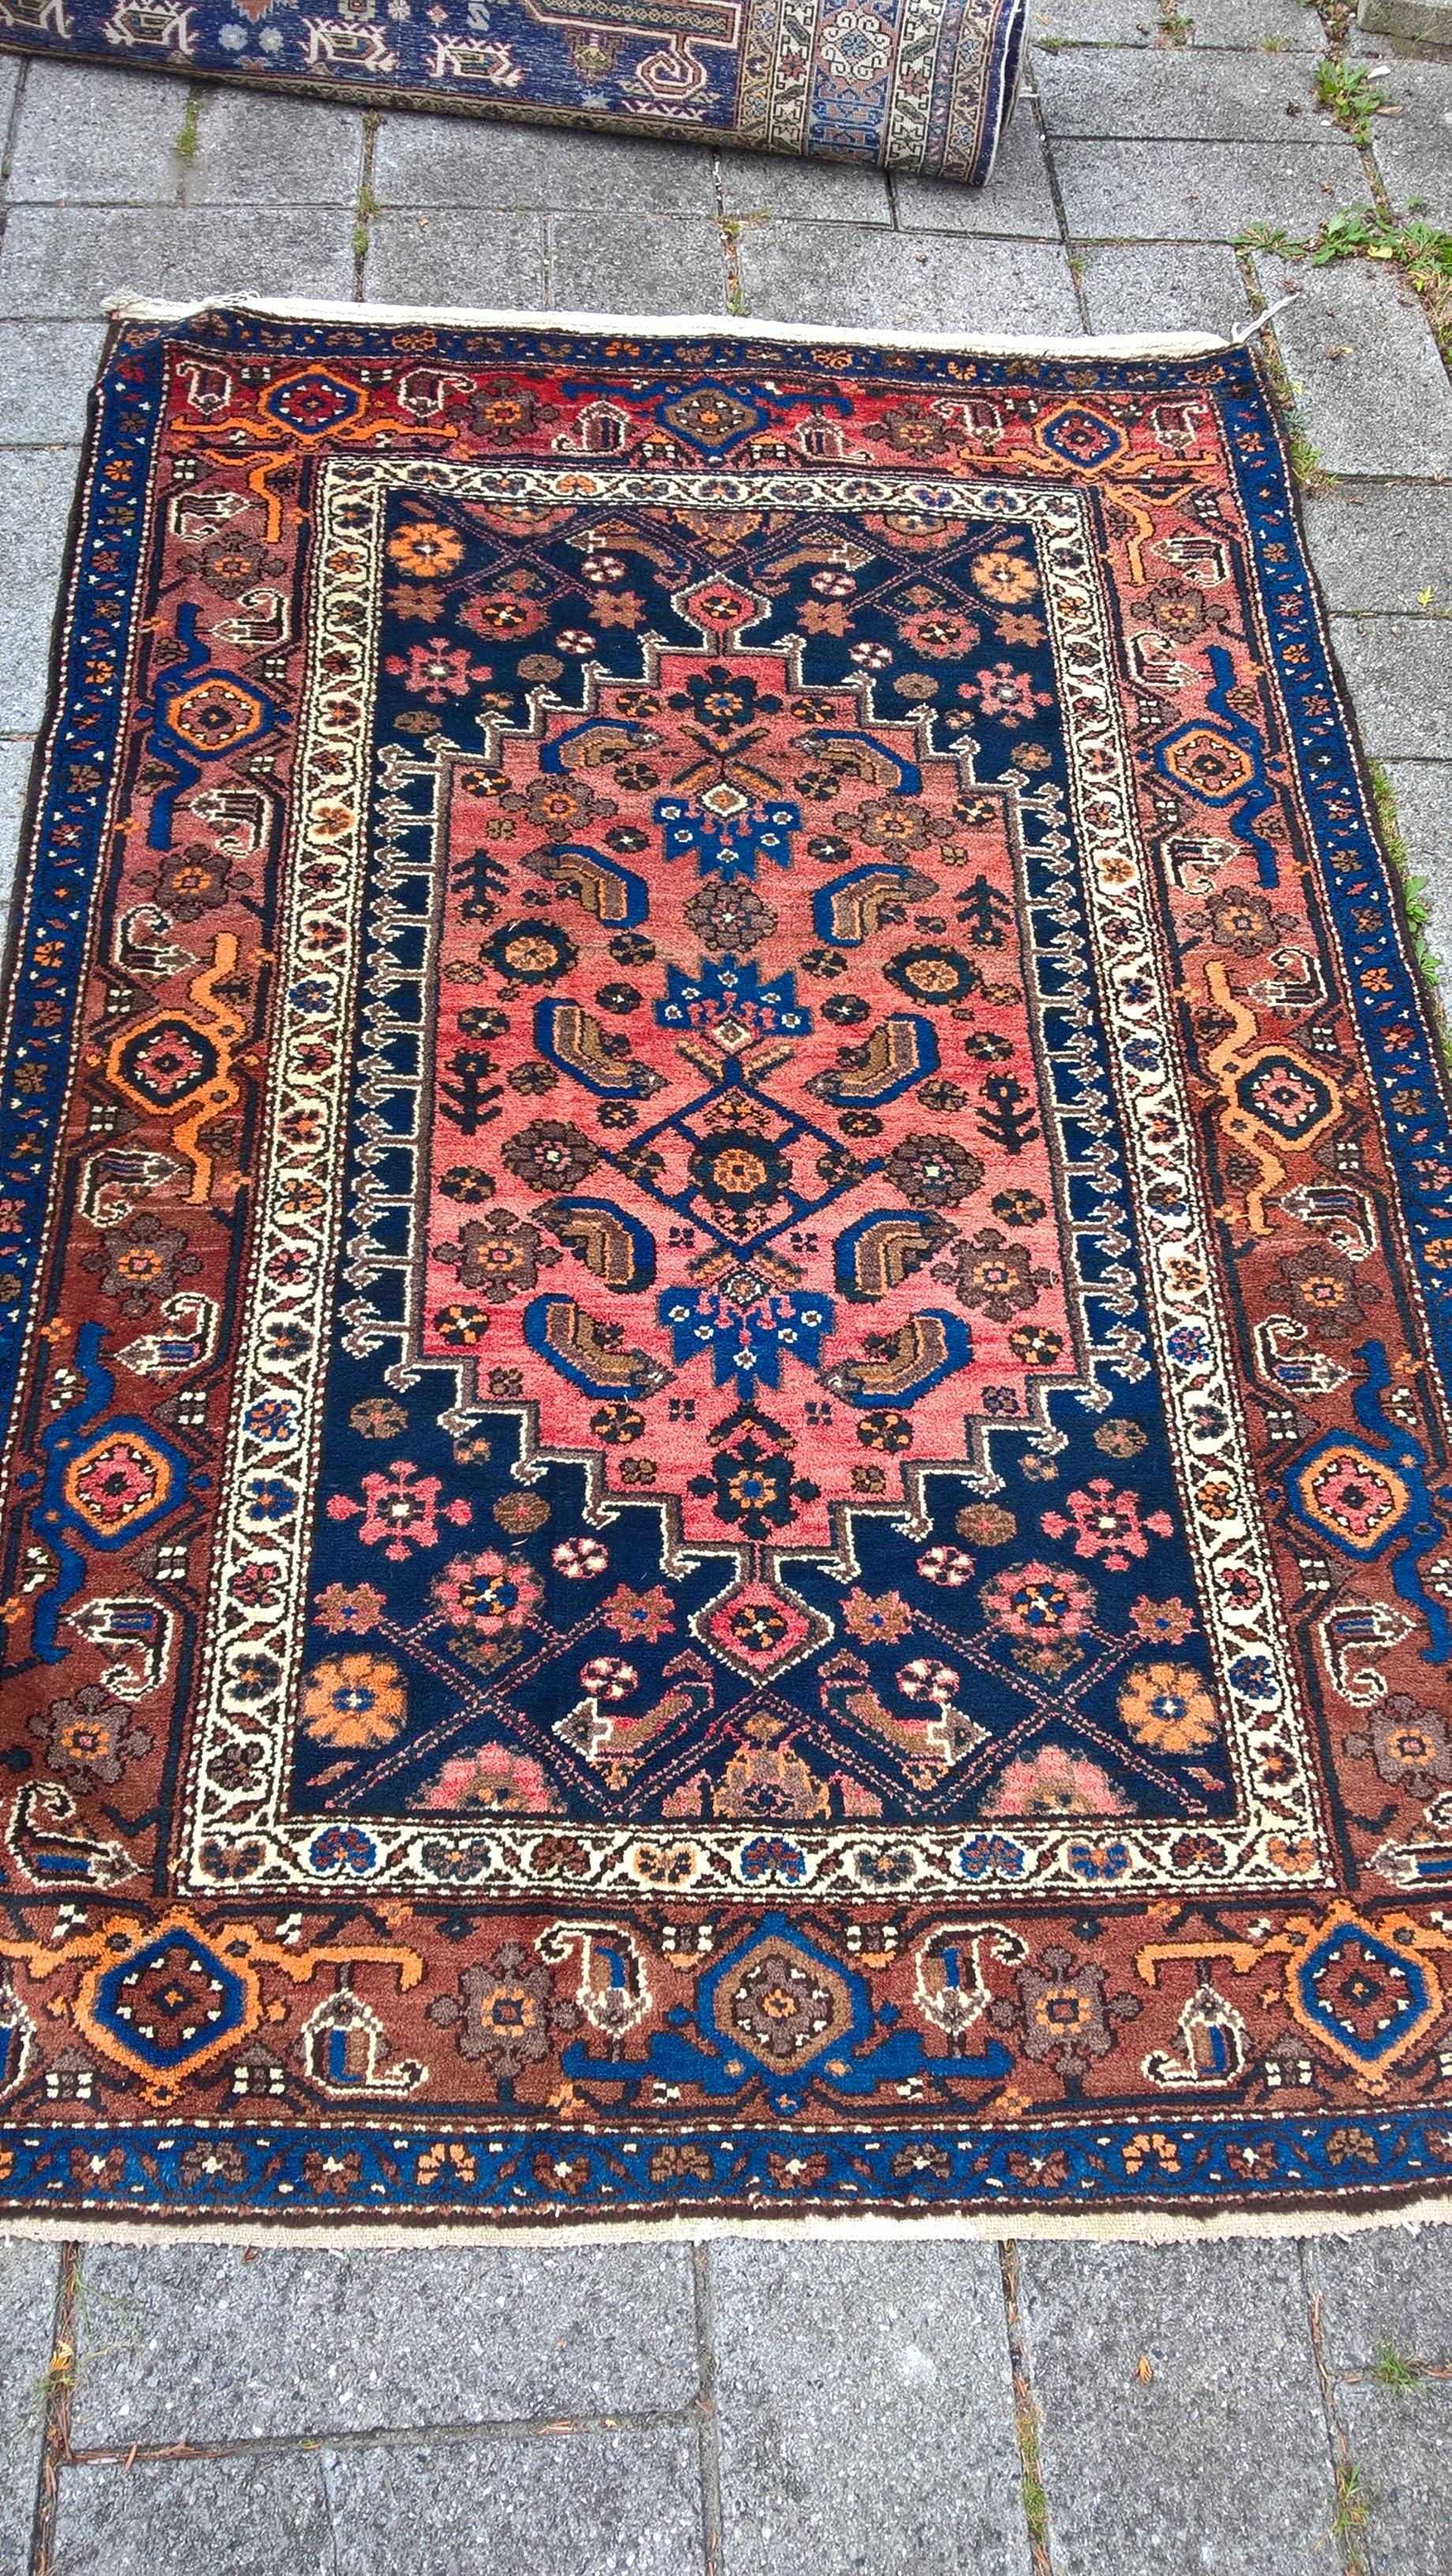 Ægte Persisk tæppe Taleghan Mål 190 x 128 cm cm Tæppe kr. 4.500,- Varenr. Rug16-3460-09-bluebluebrown